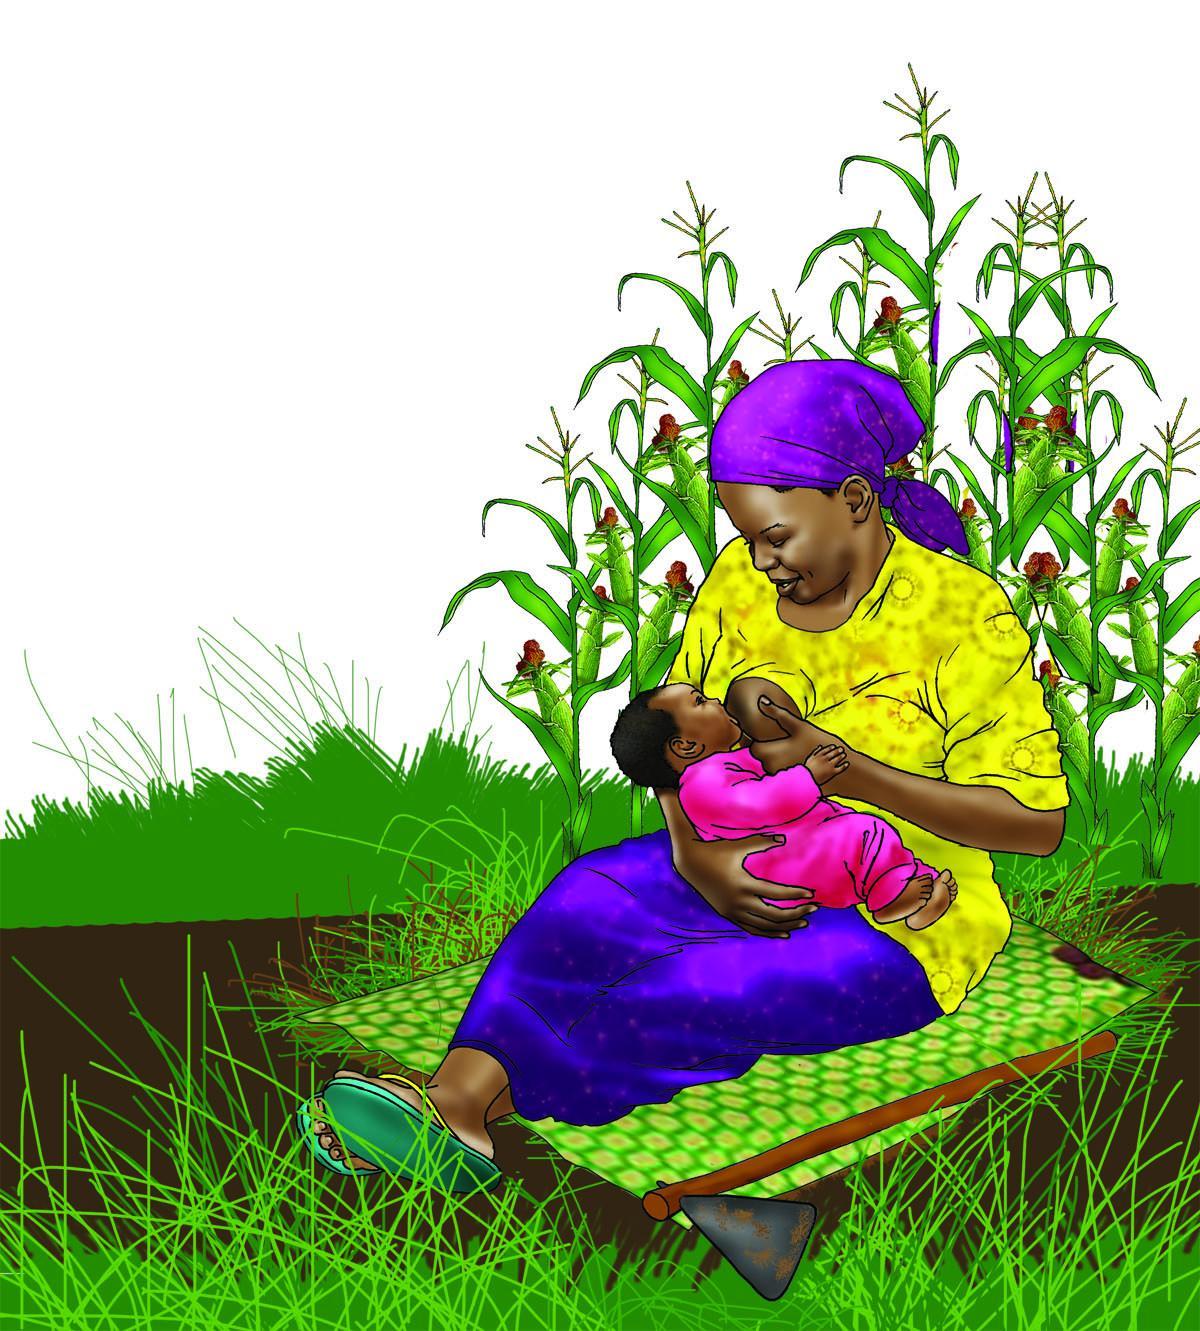 260002nigeria02c.jpg